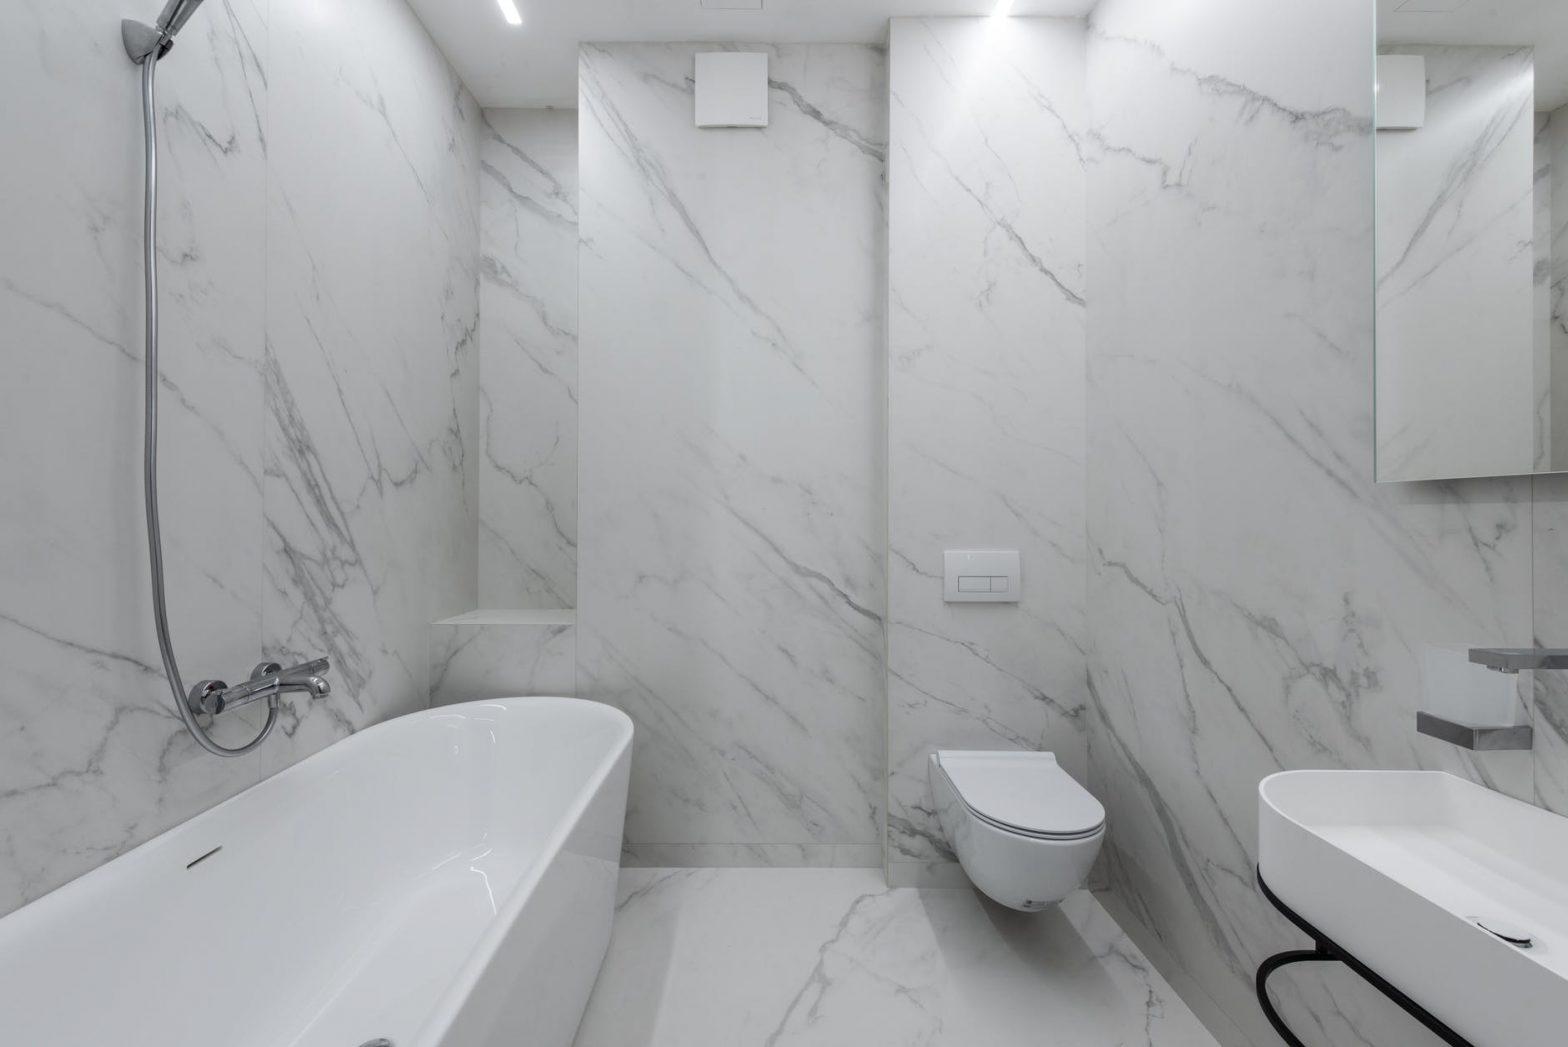 Ceramika łazienkowa - czym kierować się podczas wyboru urządzeń sanitarnych?